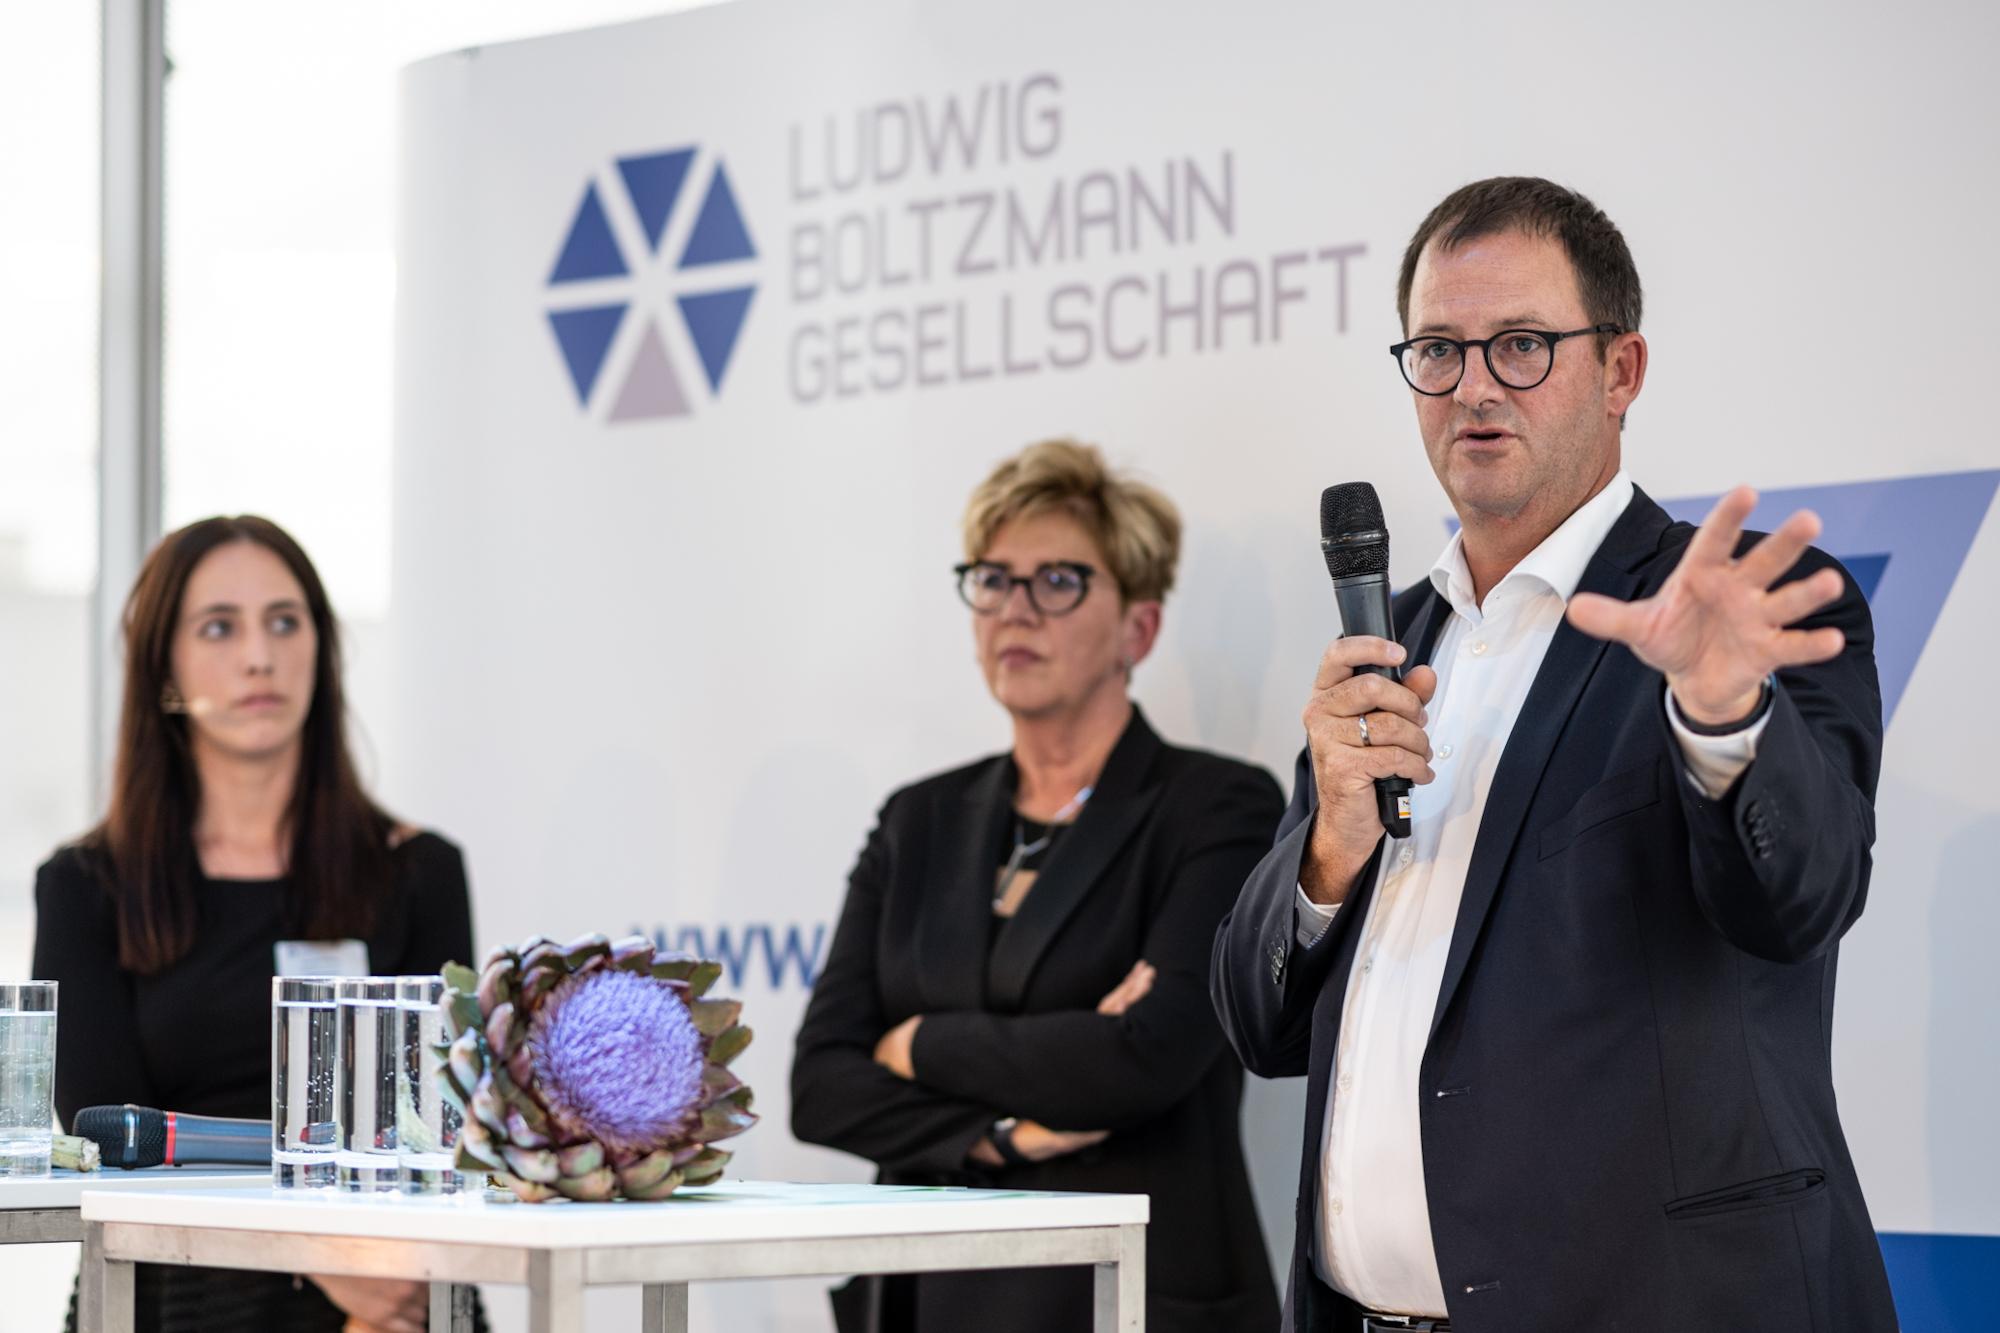 Harald Willschke präsentiert Studienergebnisse am LBG Weinherbst